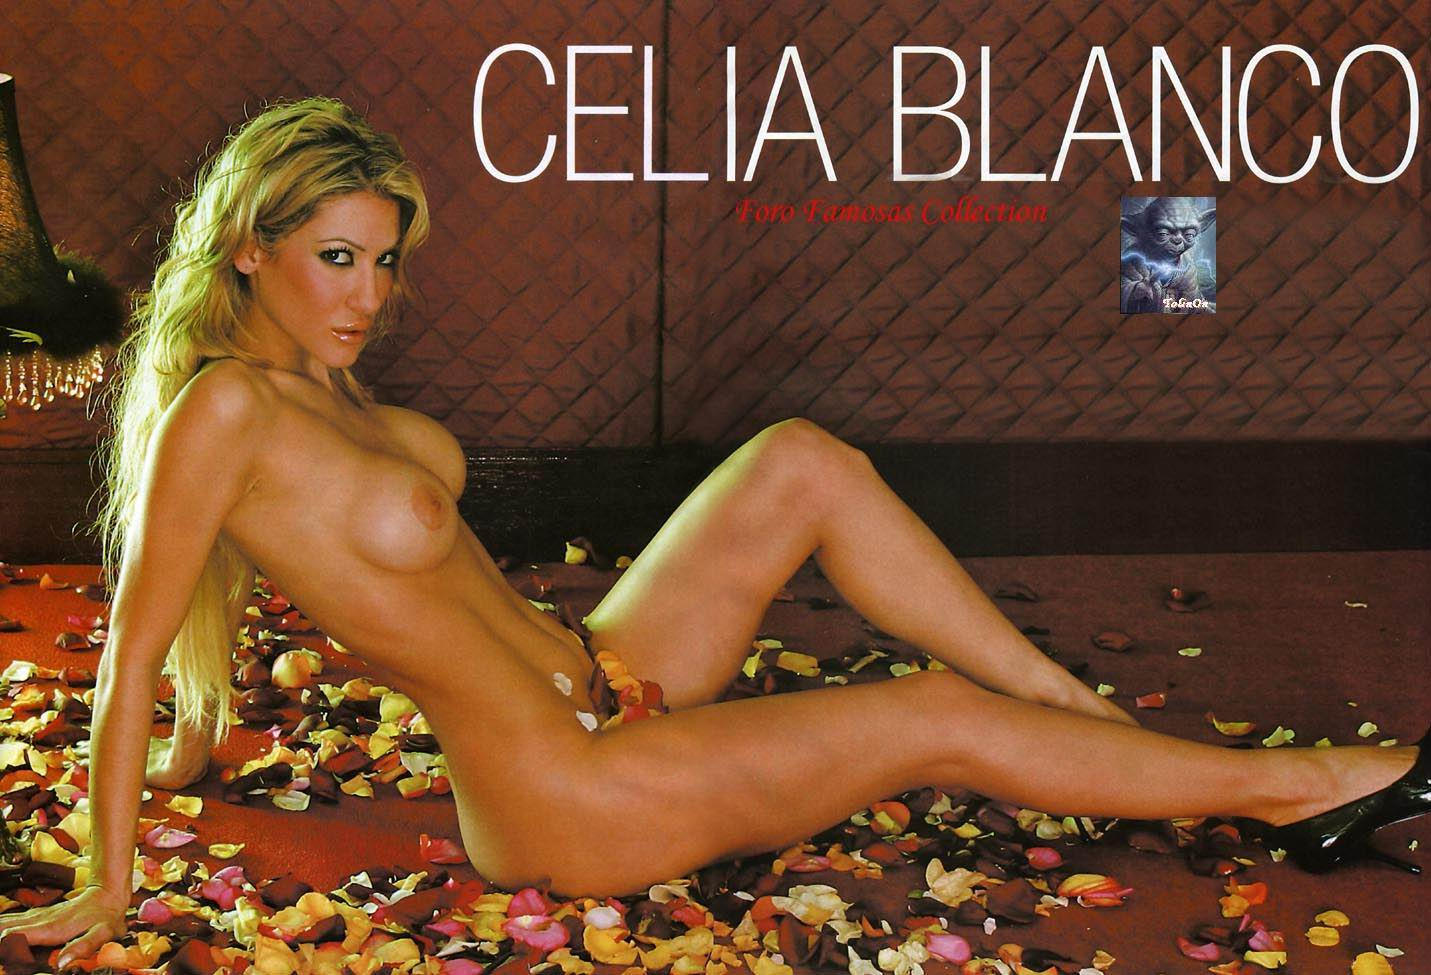 Actriz Porno Del Betis celia blanco - página 2 - foros acb